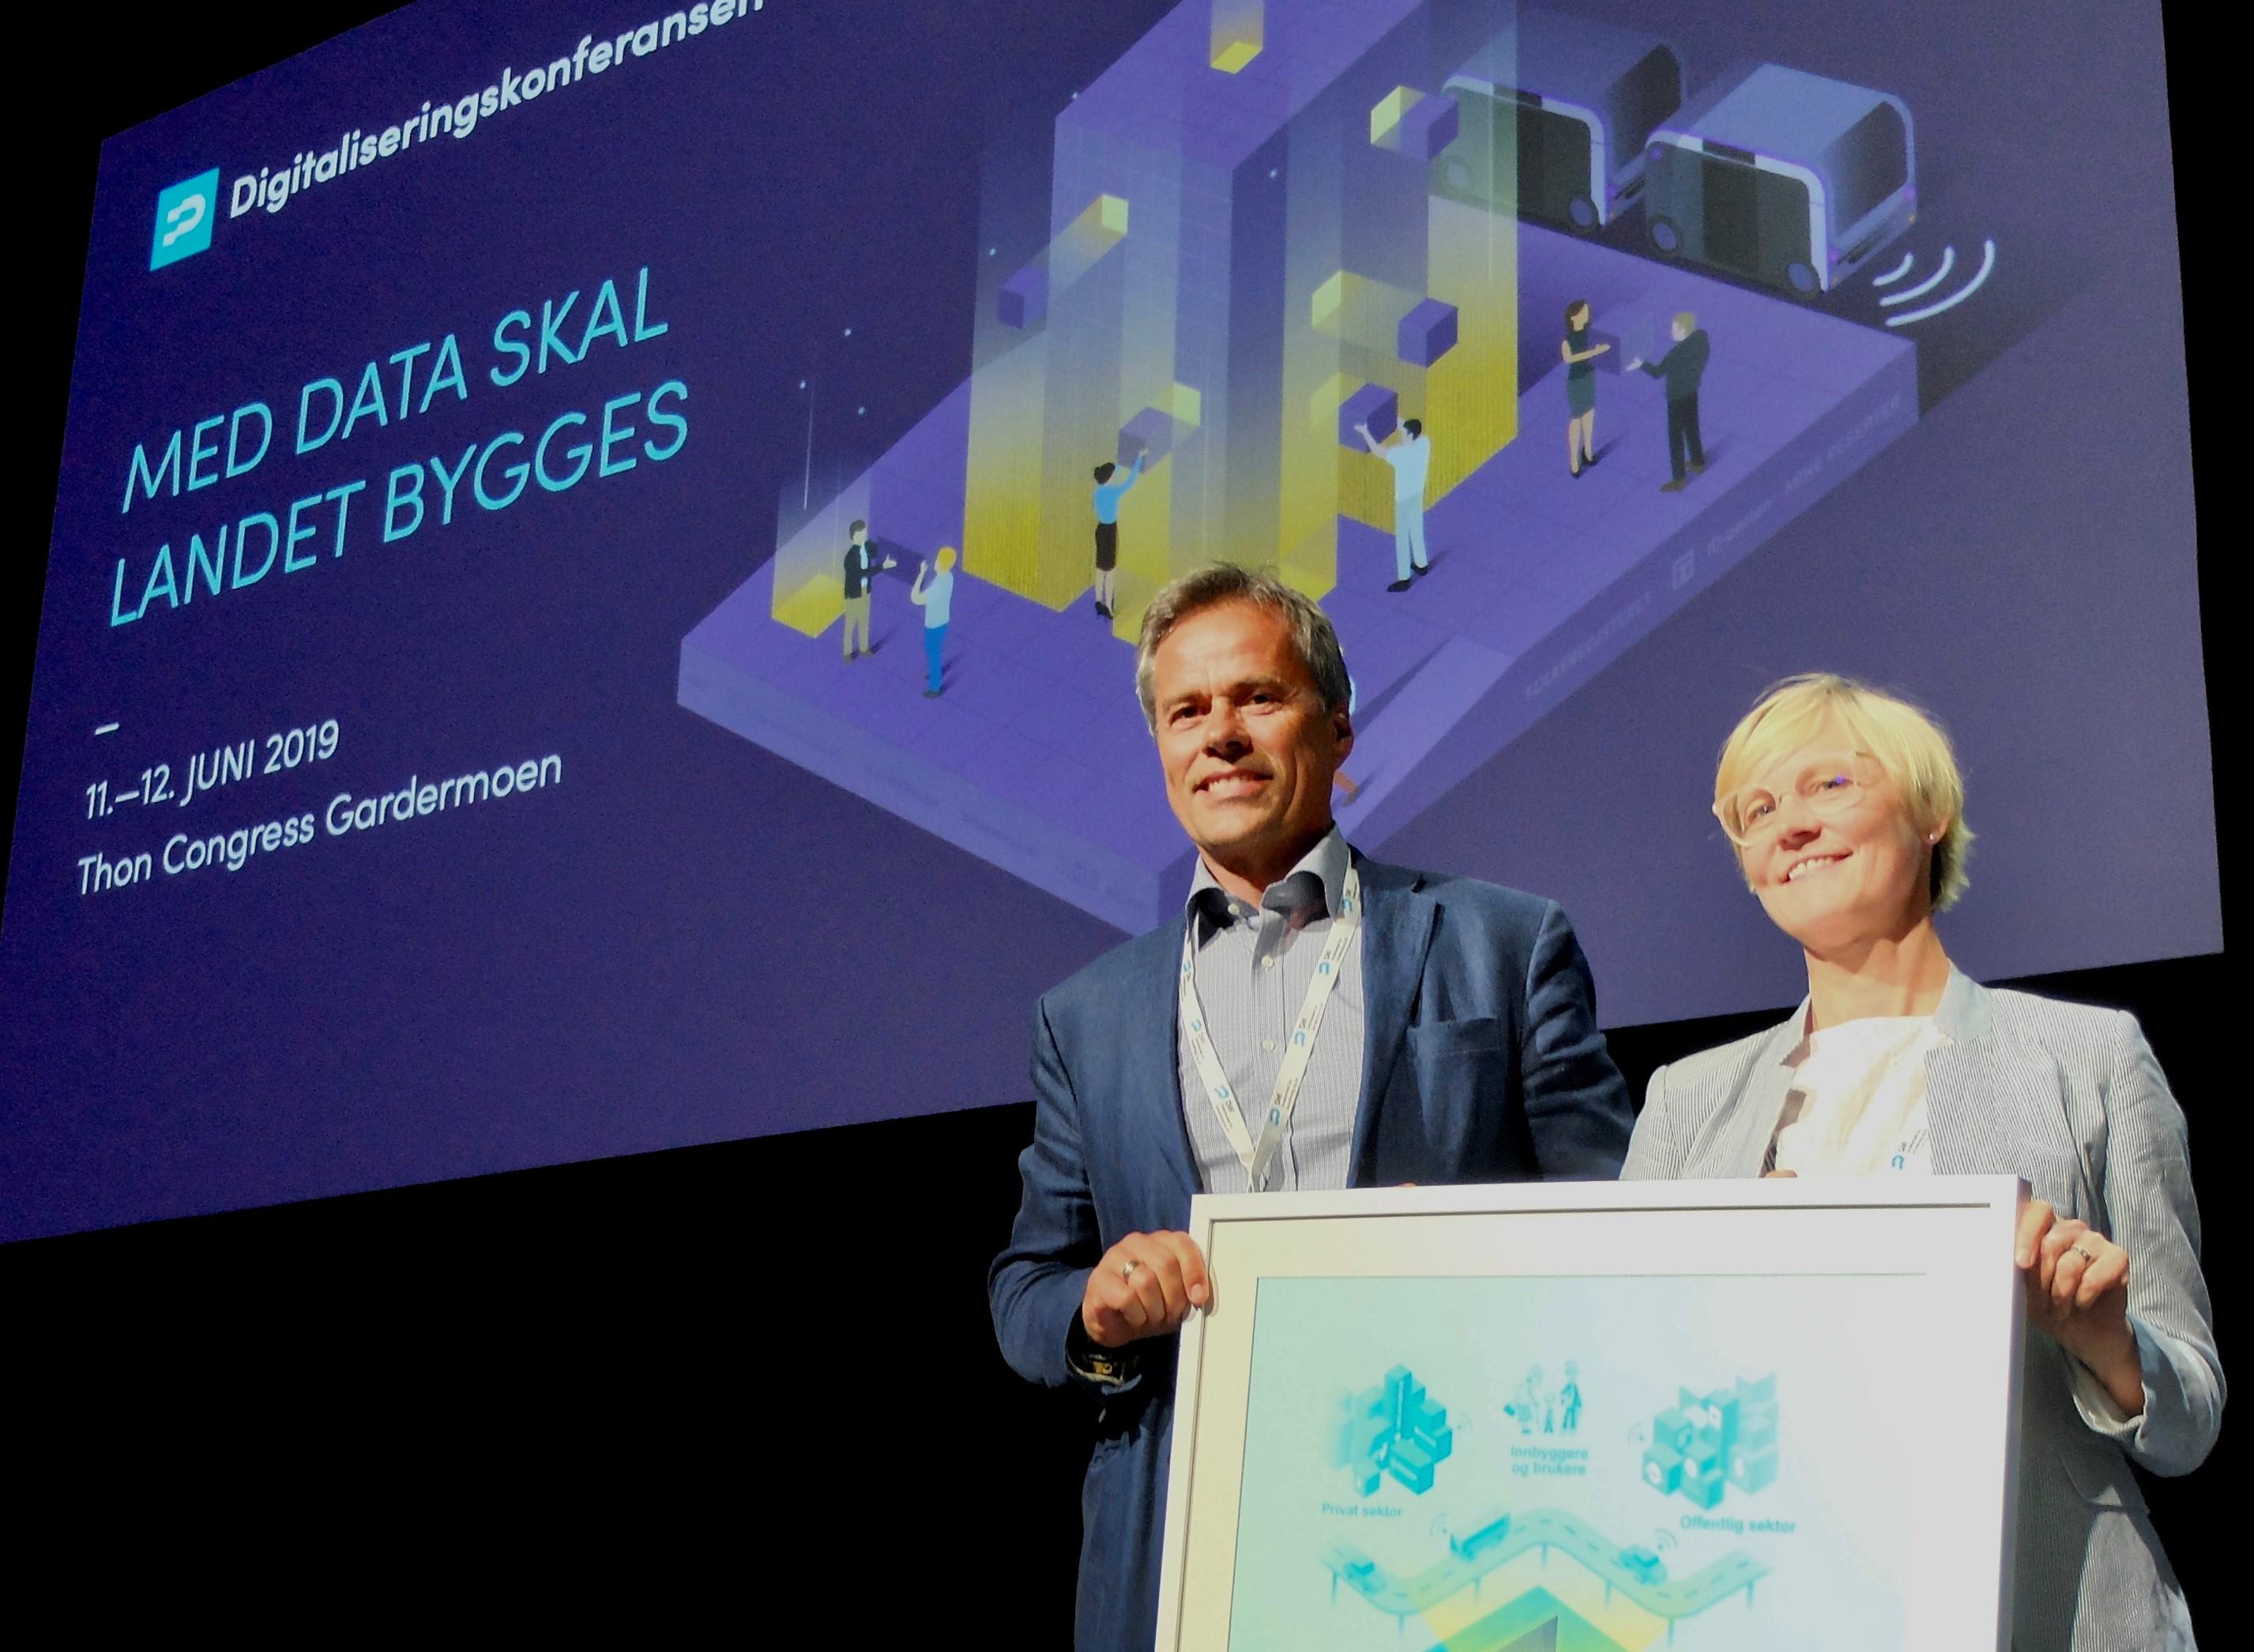 VANT GJEV PRIS: Tirsdag 11. juni ble Foreldrepengeprosjektet i NAV kåret til vinner av Digitaliseringsprisen 2019. Prosjektleder Karin Bøhlerengen (t.h.) mottok prisen sammen med Ola Furu.